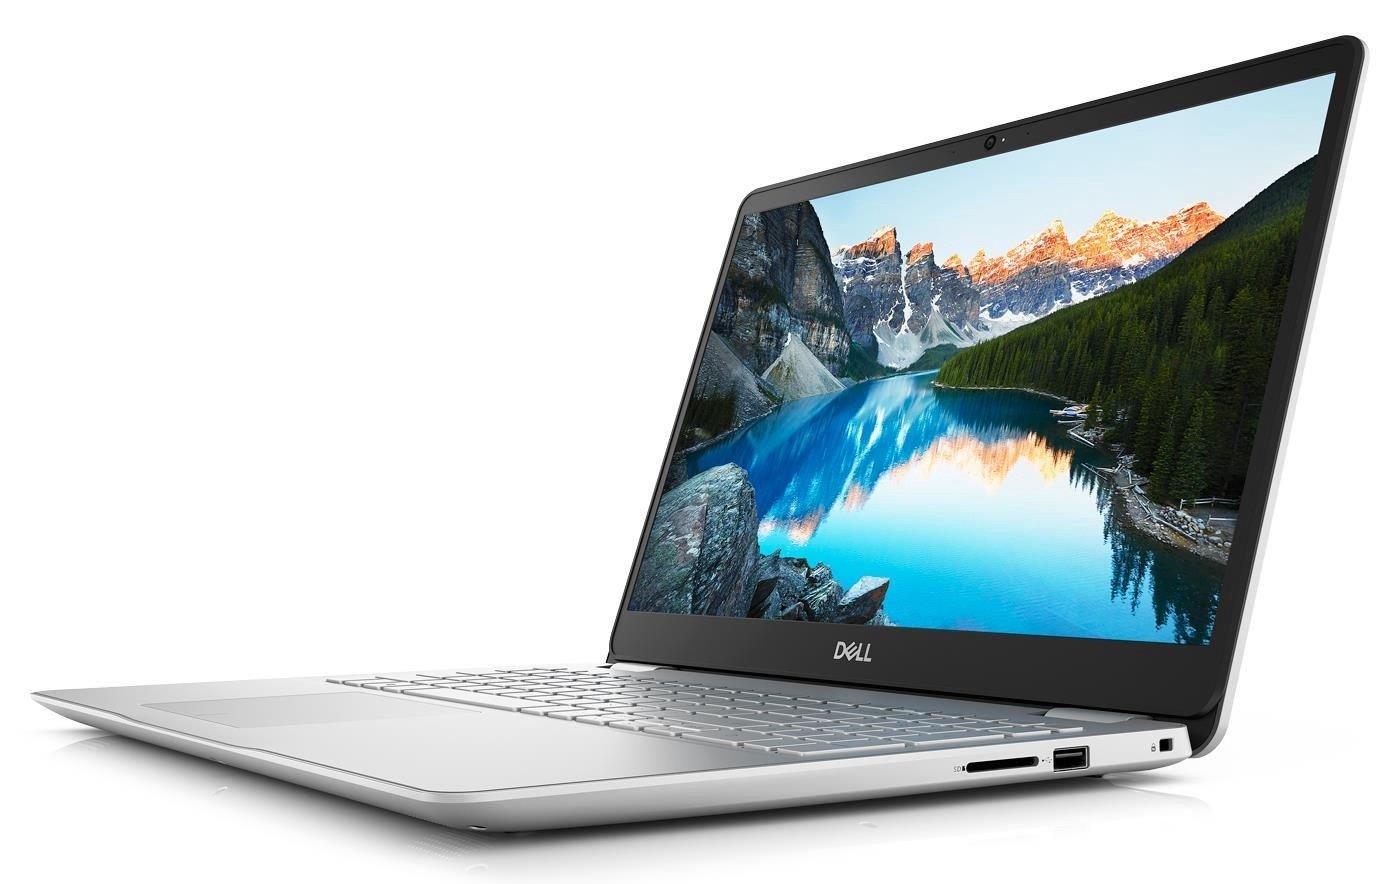 Dell Inspiron 15 5584 i5-8265U 8GB 1TB Win10